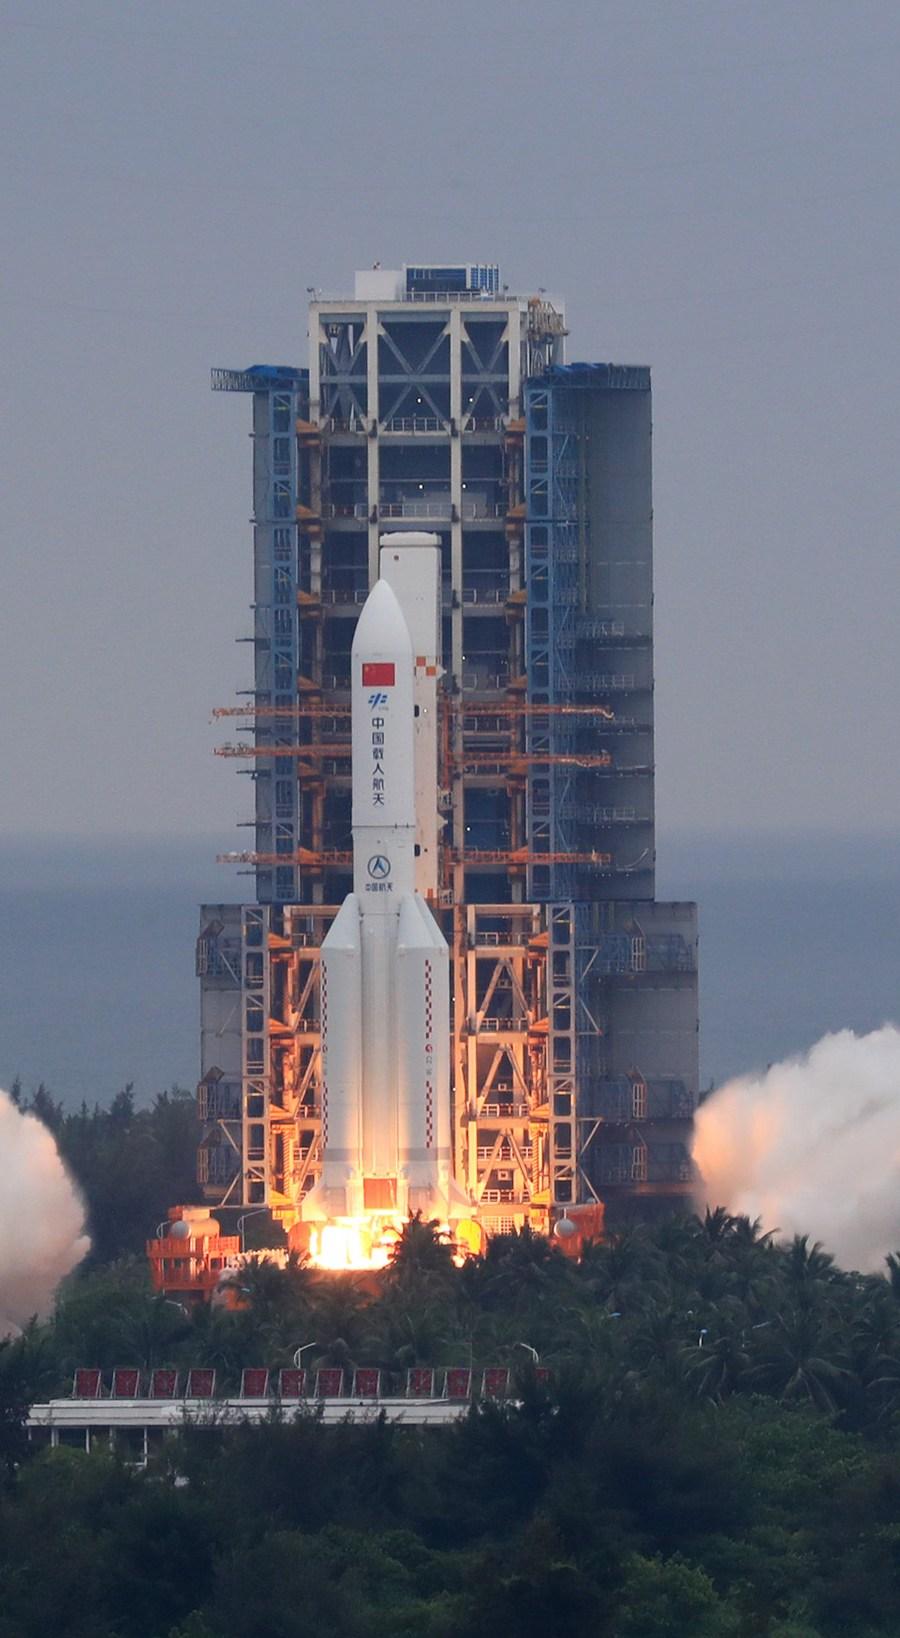 52021993918106-صاروخ الصين